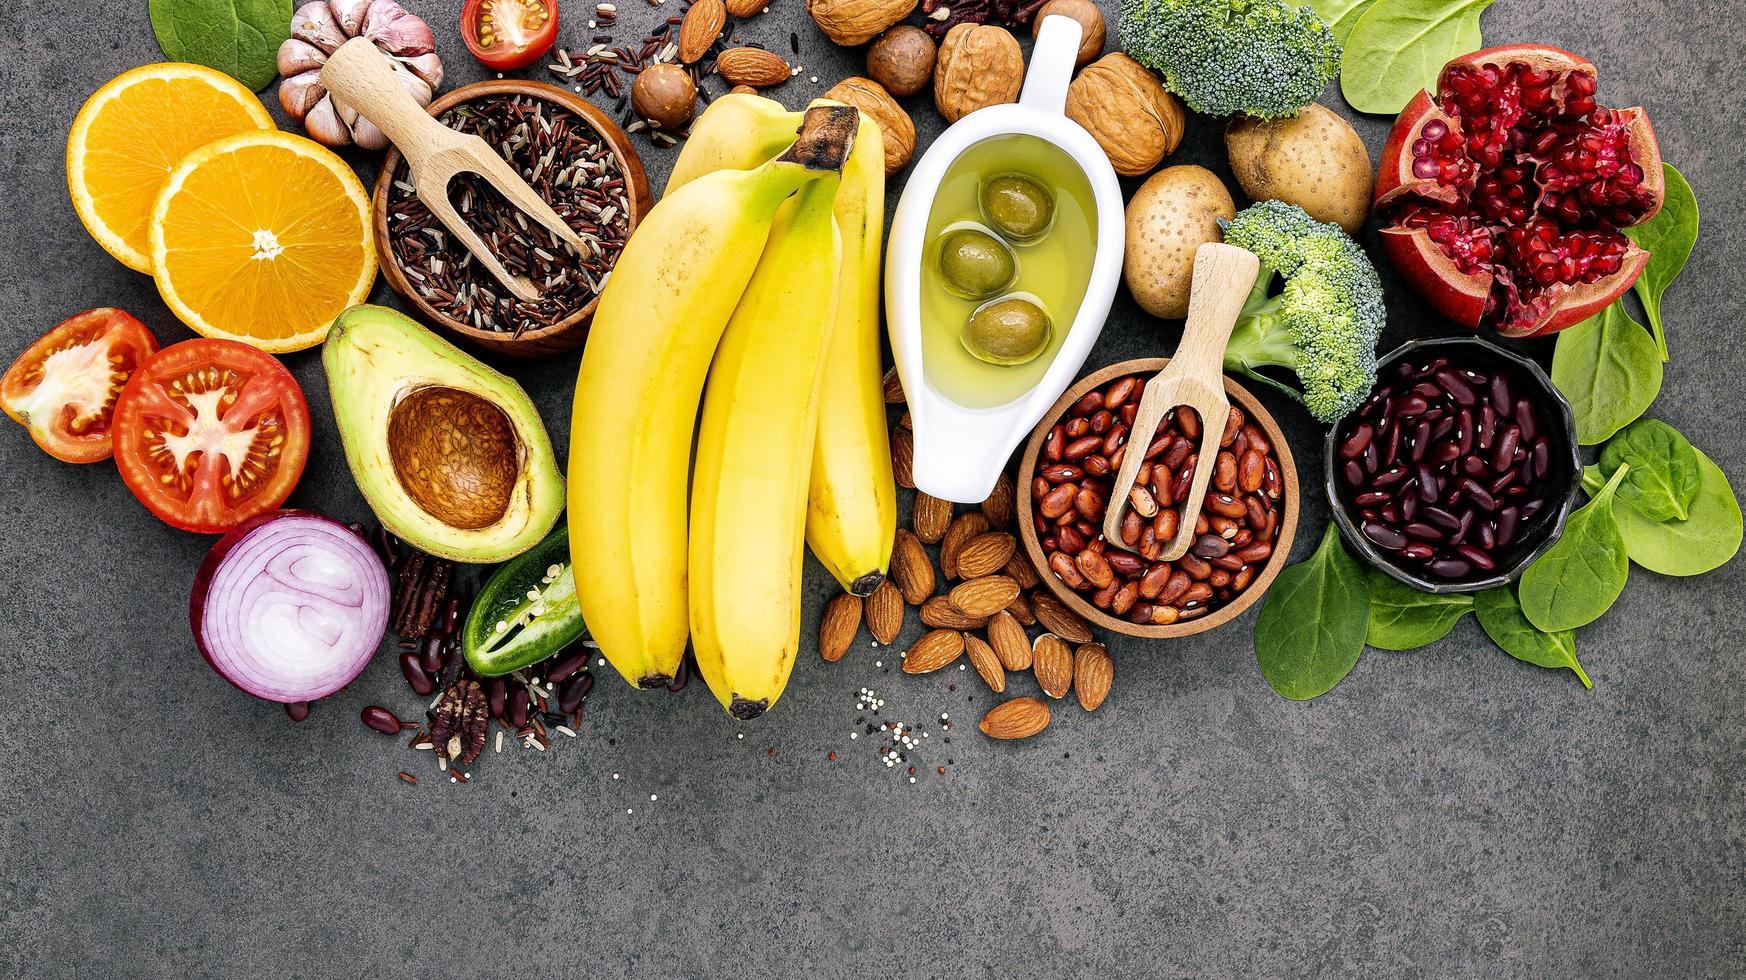 alimentos orgânicos frescos foto